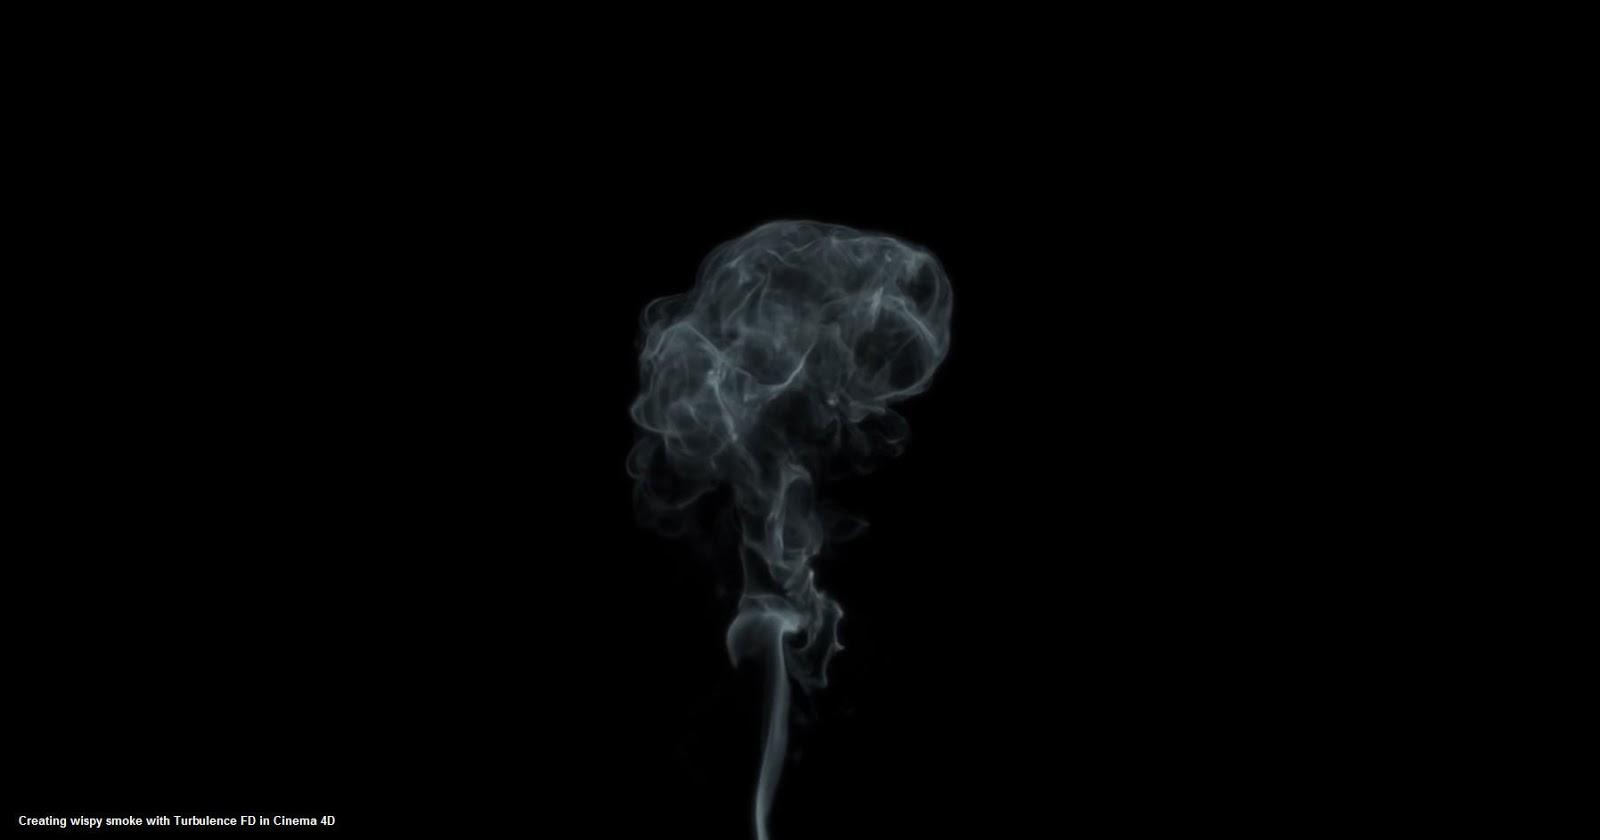 Creating wispy smoke with Turbulence FD in Cinema 4D | CG